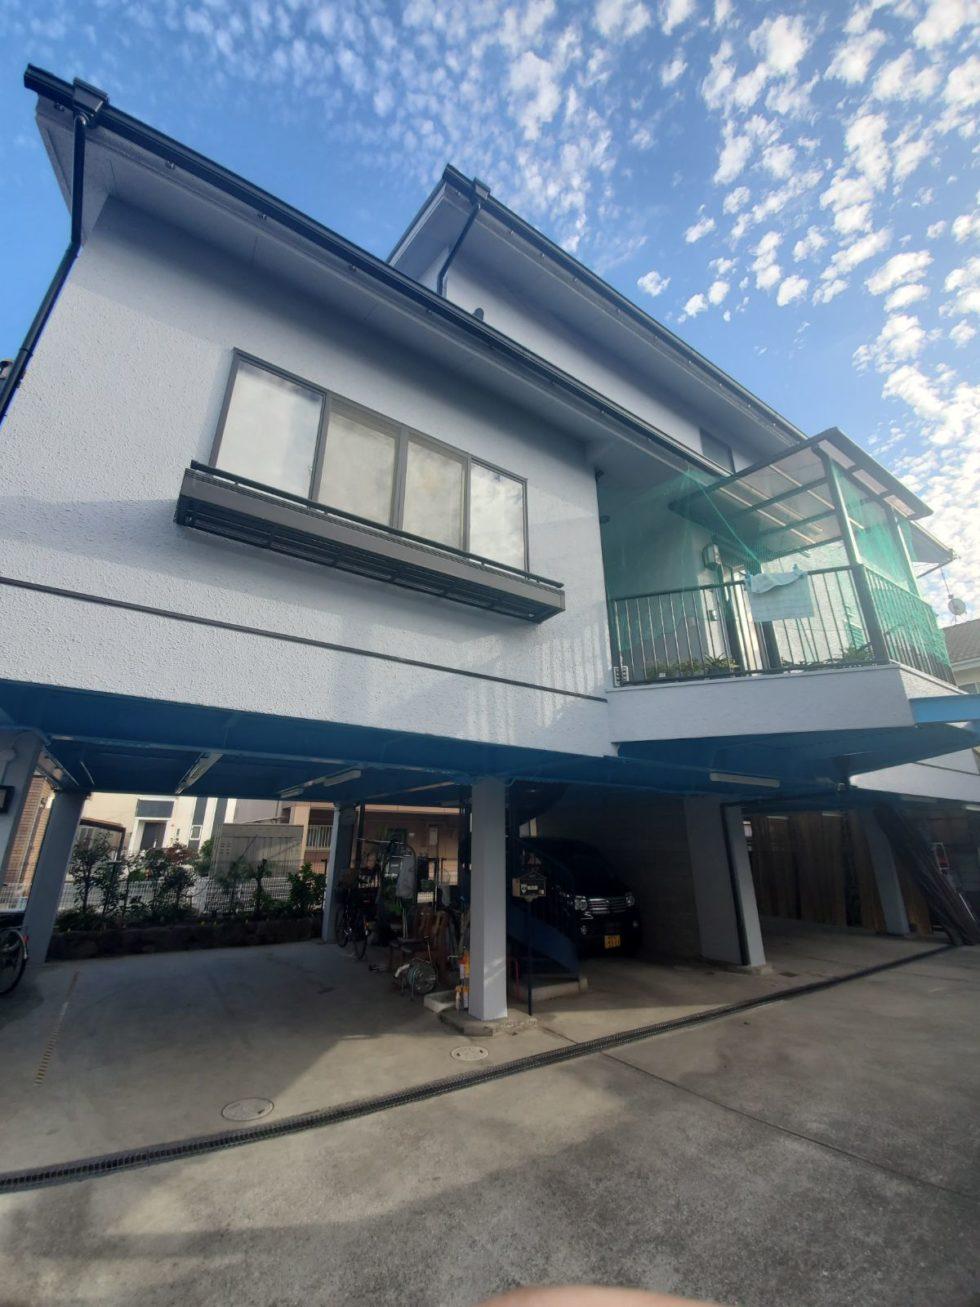 姫路市 飾磨区 外壁塗装 屋根塗装 N様邸